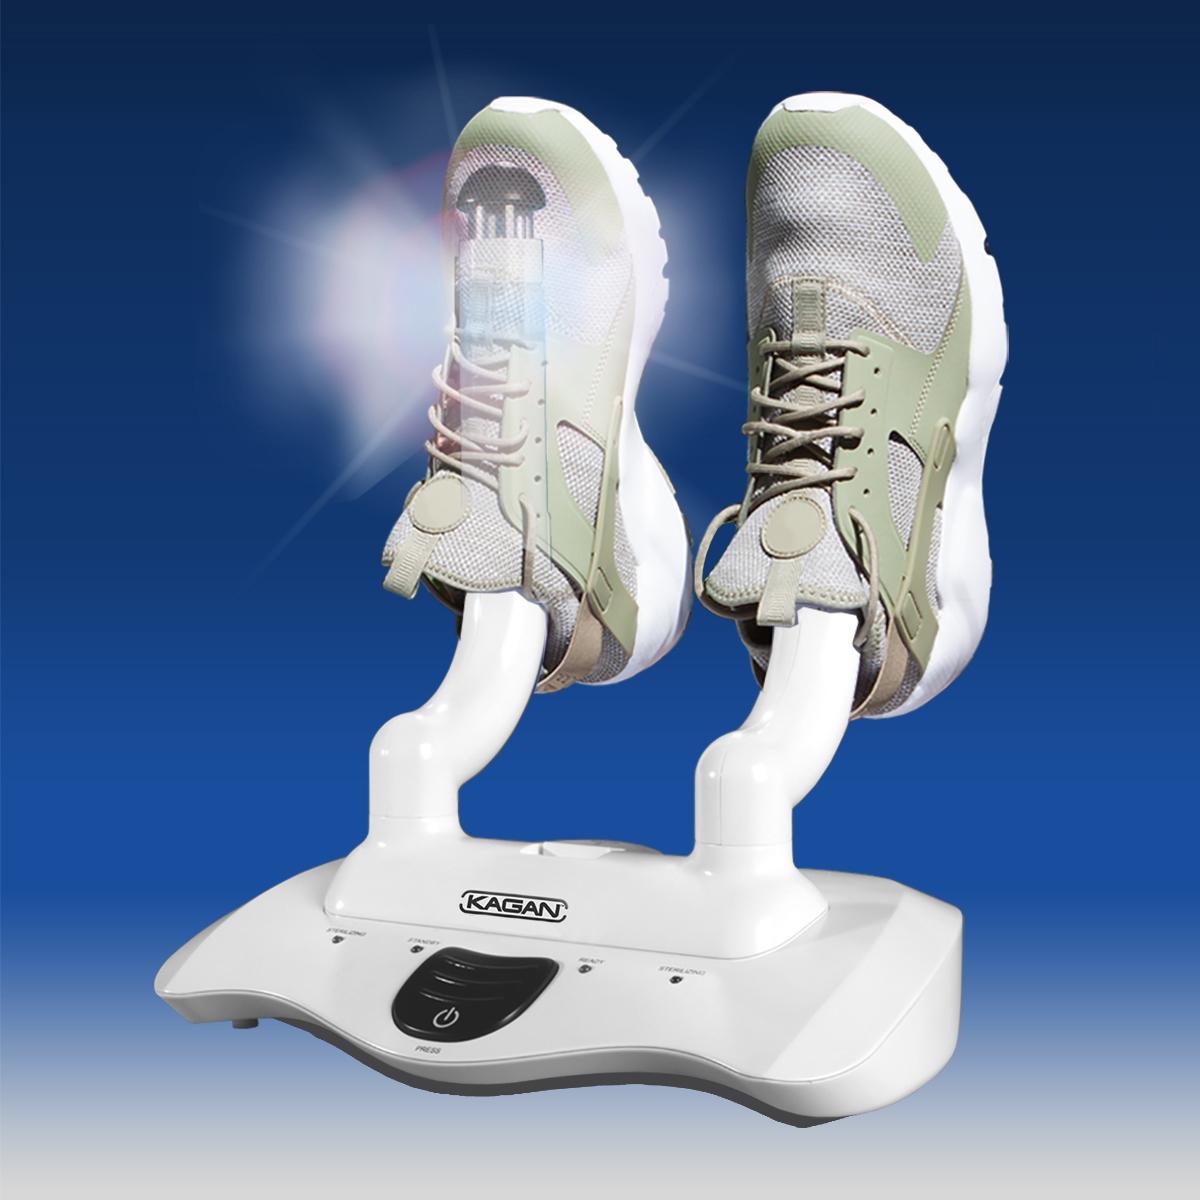 Adiós al mal olor de tus zapatillas después de hacer deporte